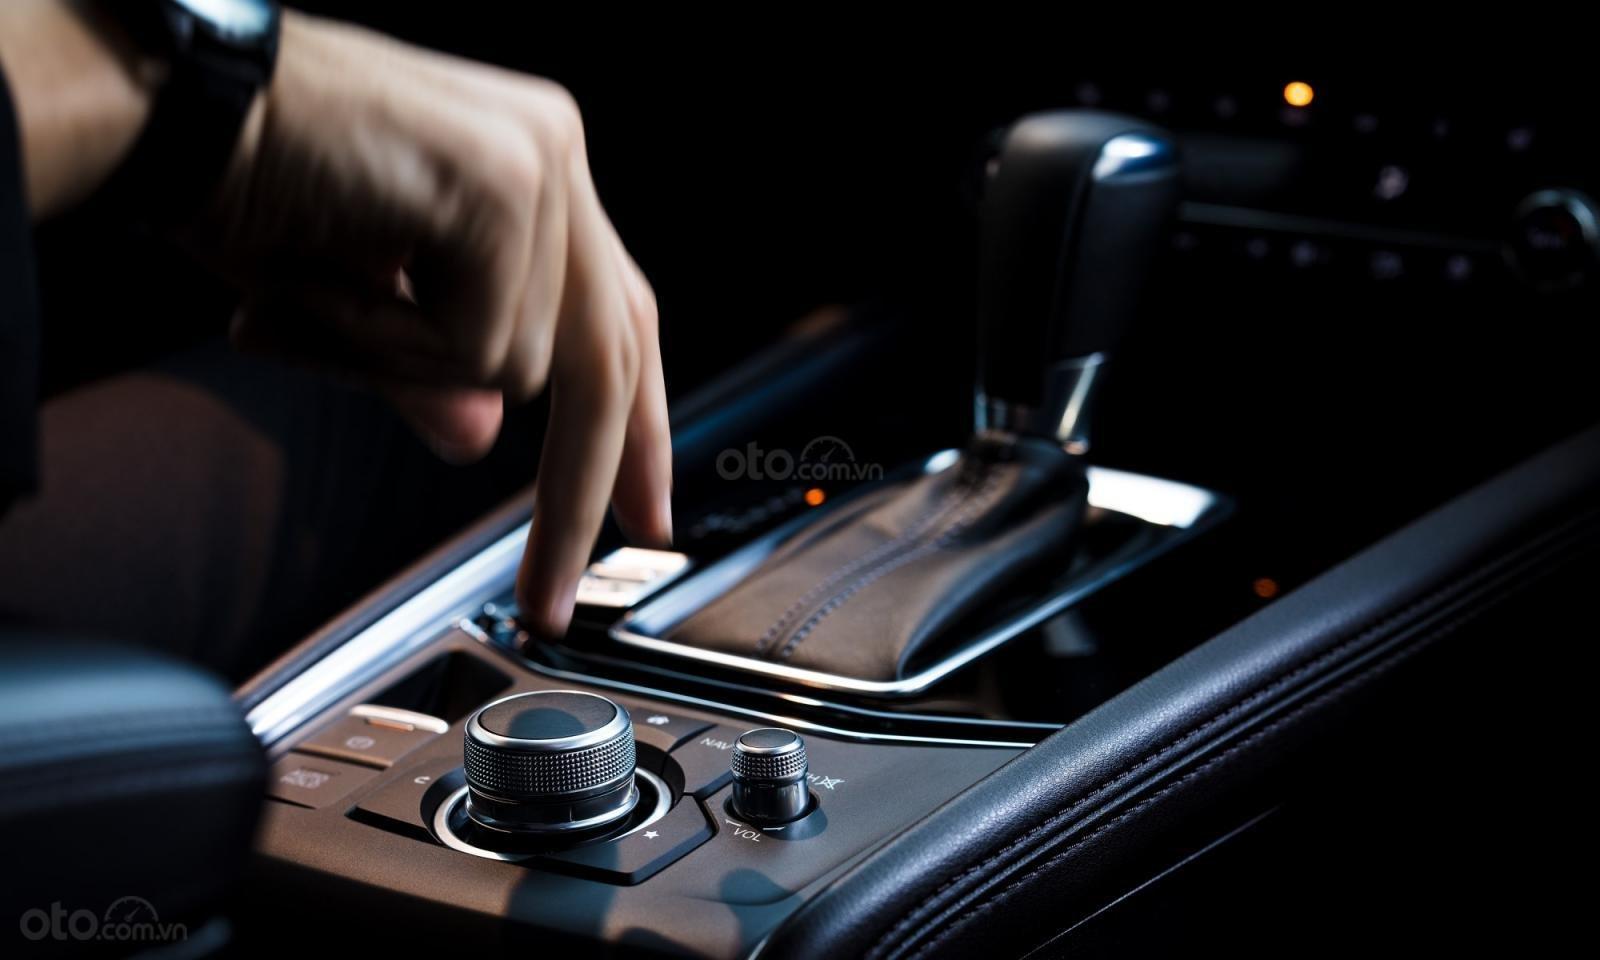 Mazda Phú Mỹ Hưng - New Mazda CX 5 2.0 Deluxe 2020, giá 844 triệu và ưu đãi tháng 03 (6)